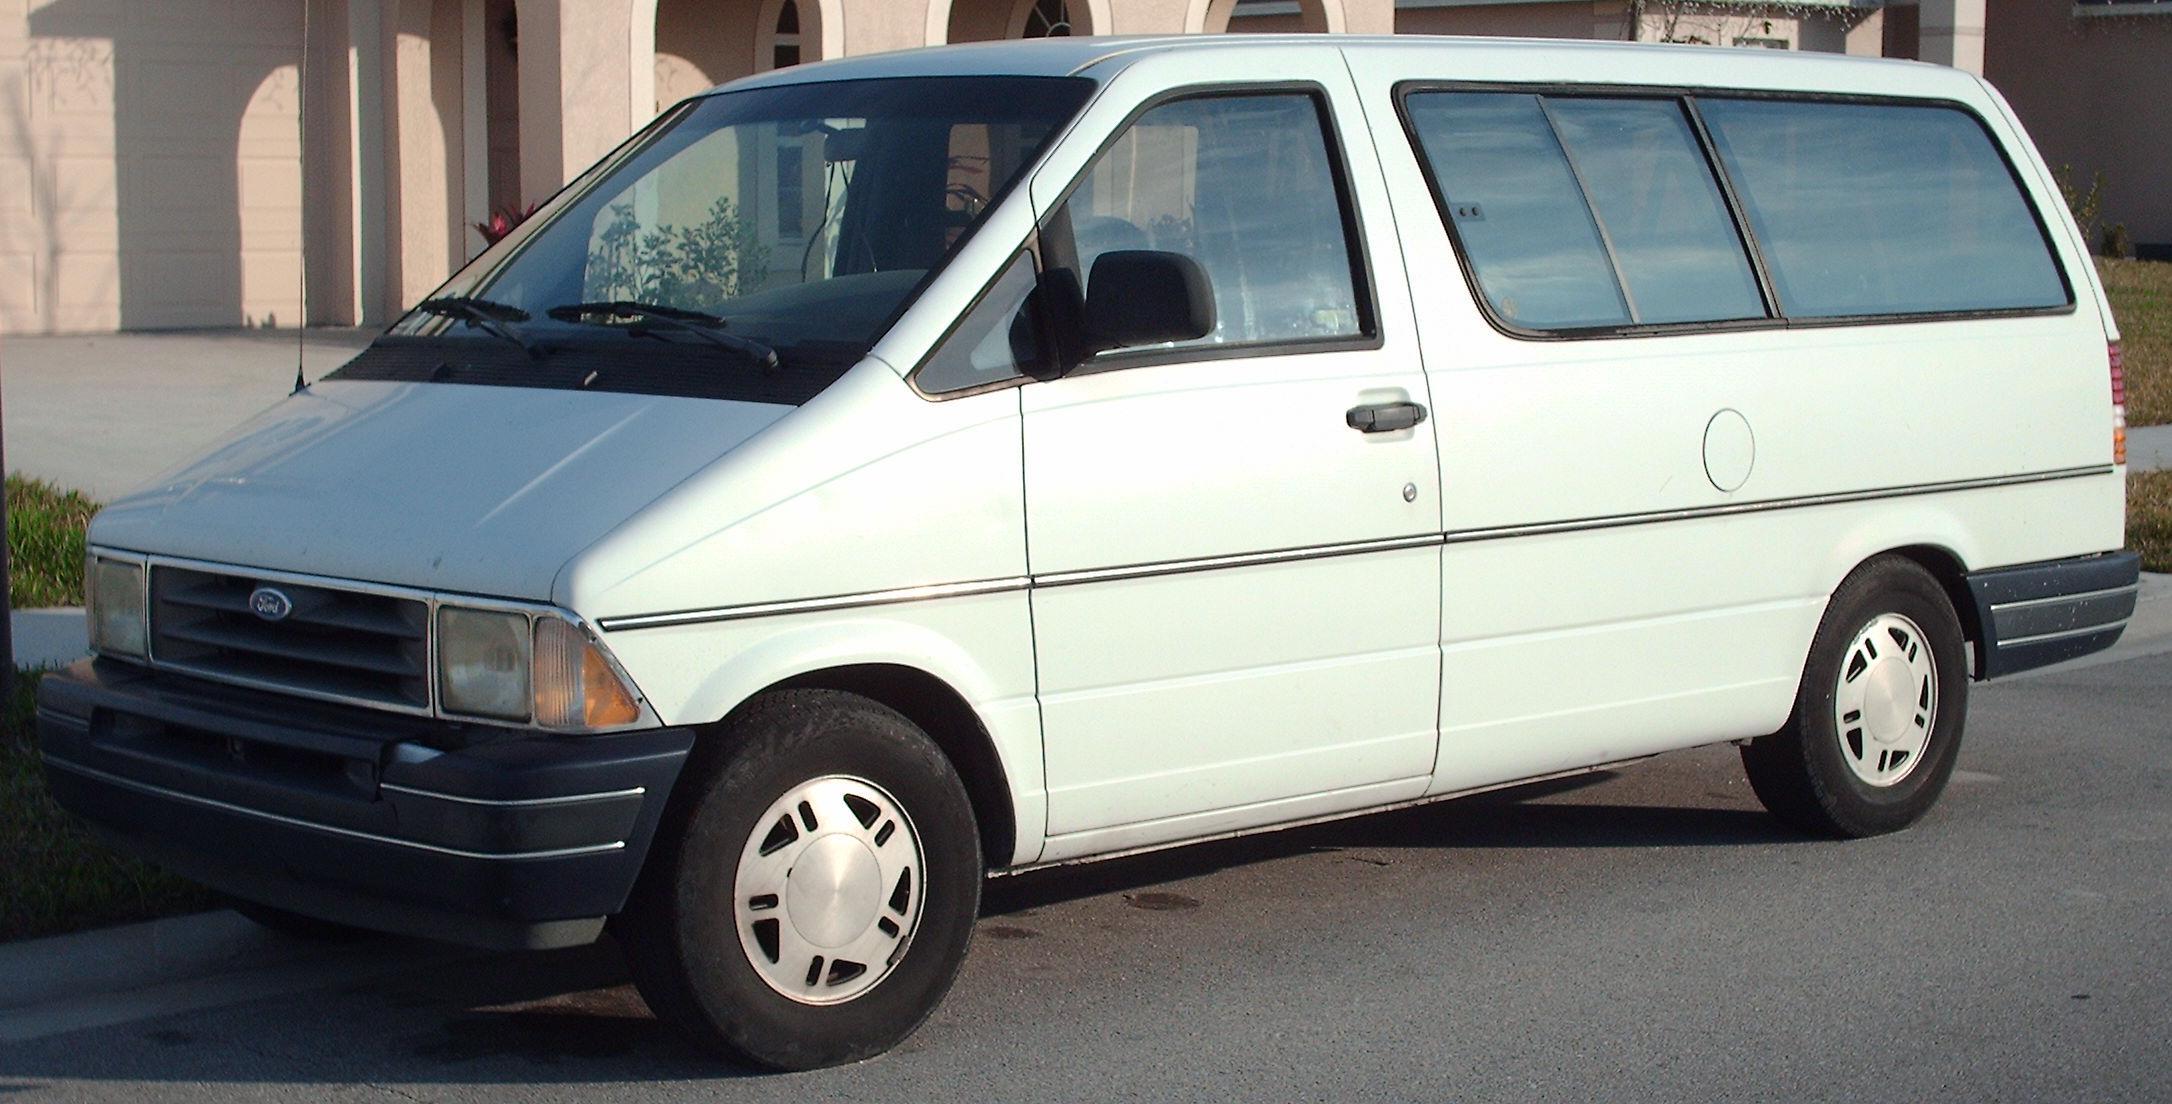 Ford Aerostar 1997 foto - 2